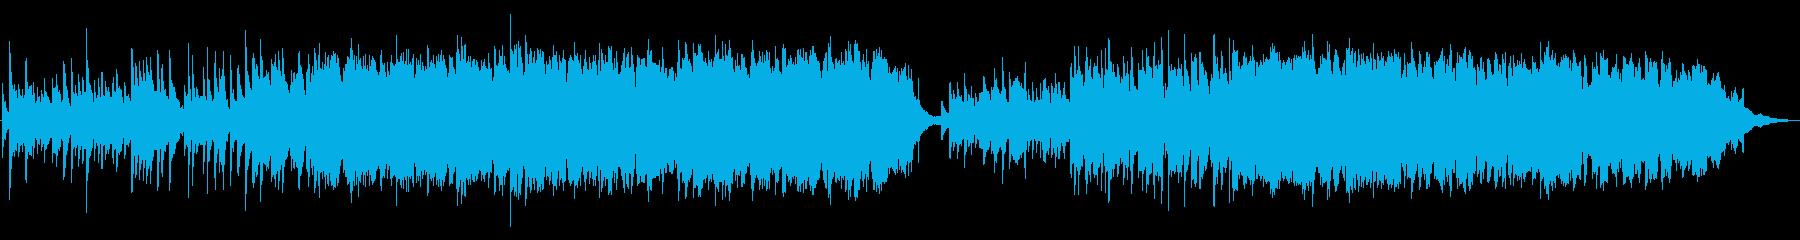 一弦ピアノとバイオリンのゆったり流れる曲の再生済みの波形